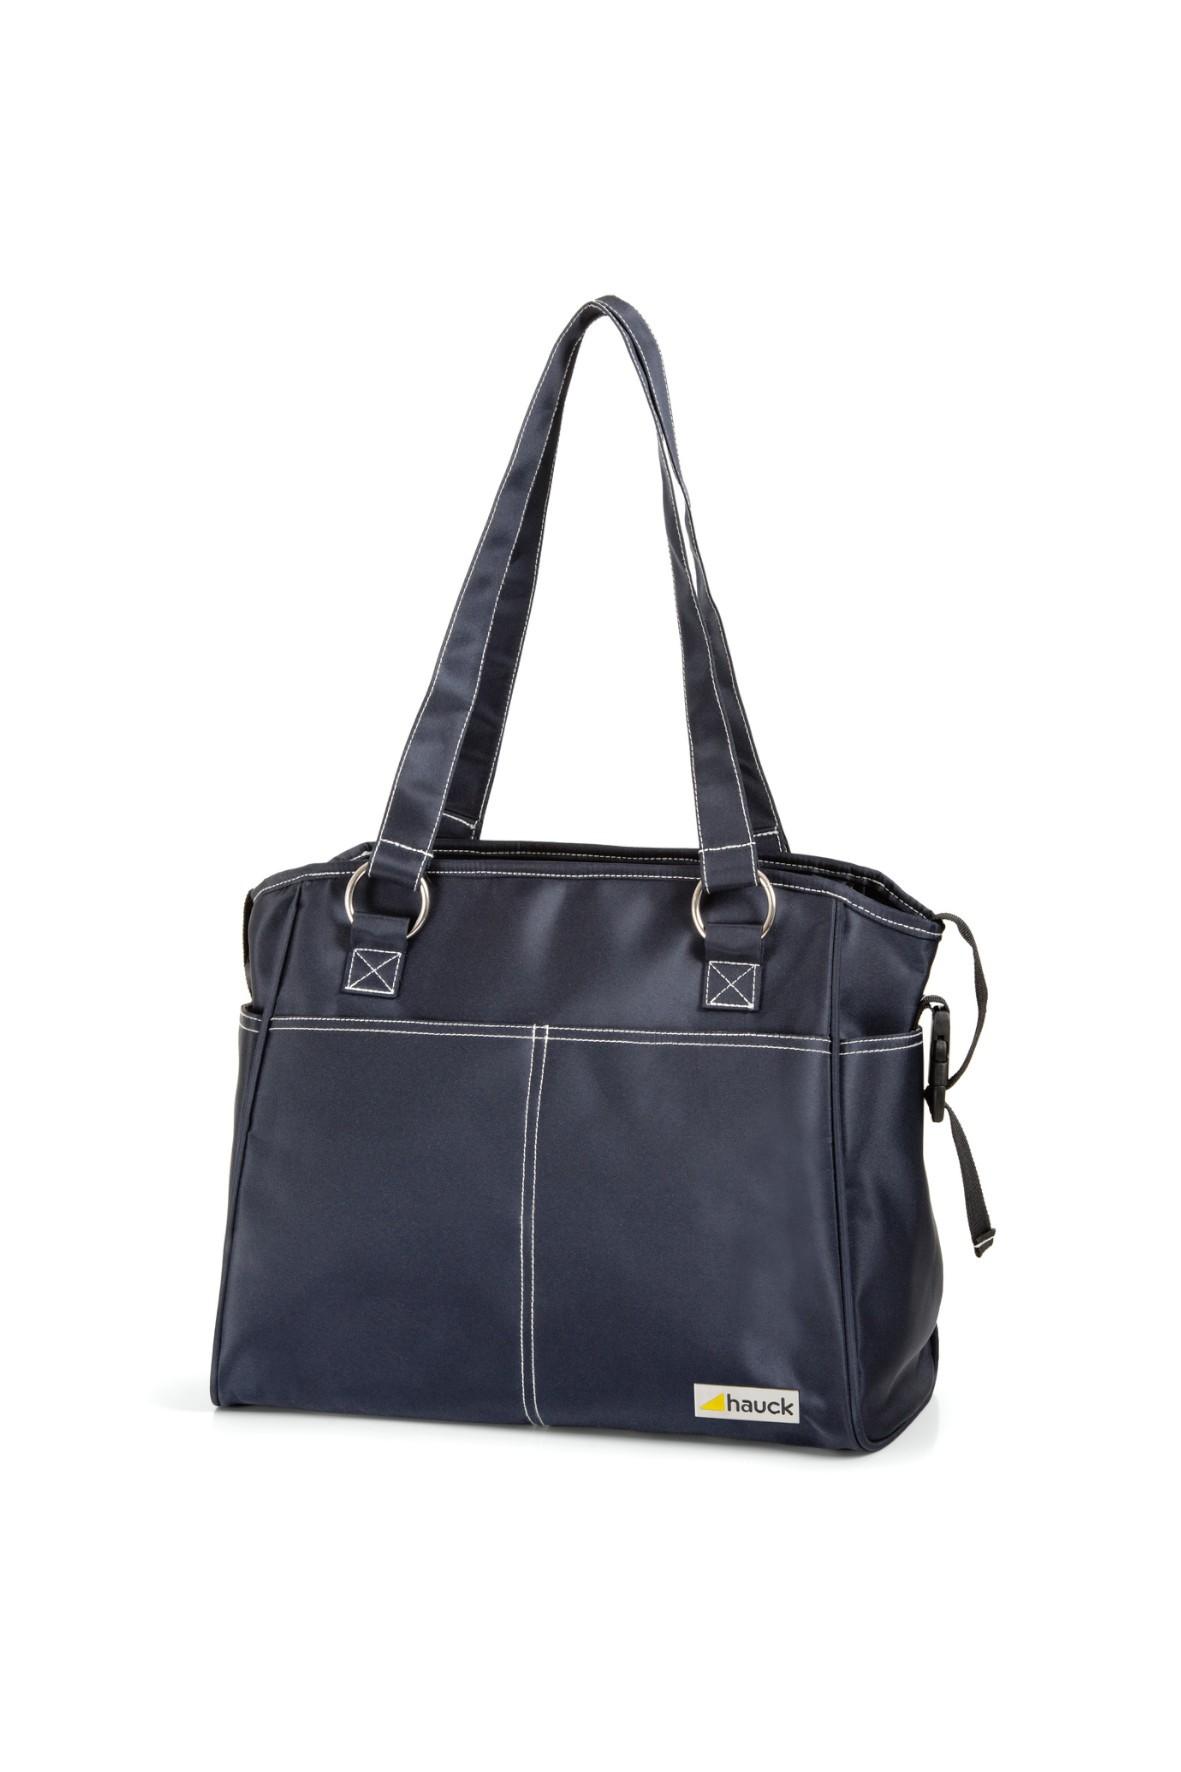 Torba pielęgnacyjna City Bag w kolorze granataowym